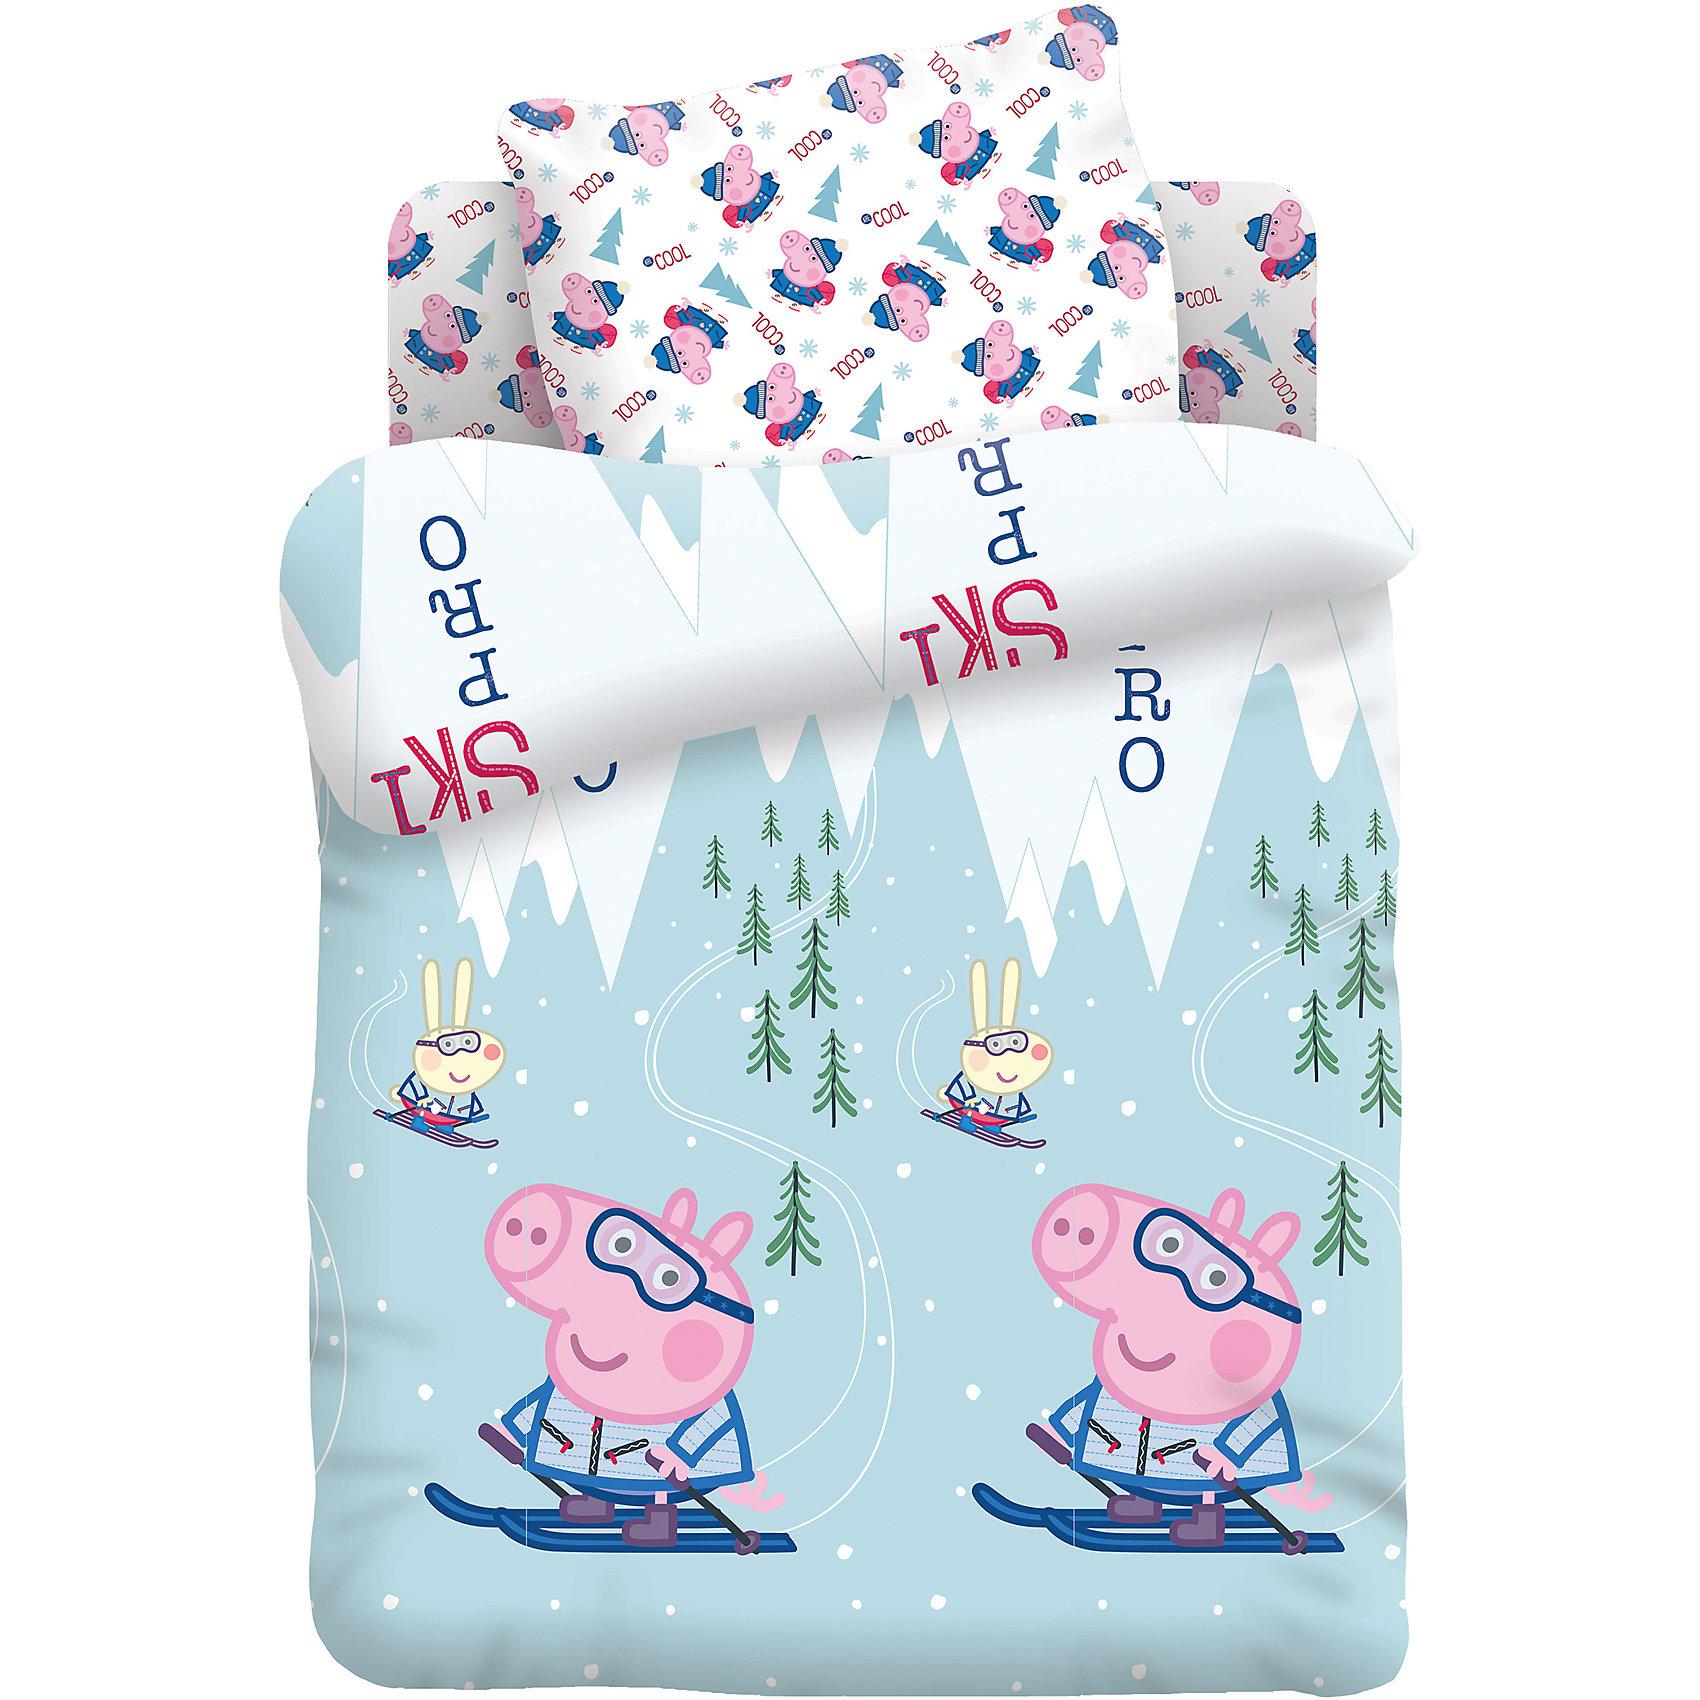 Постельное белье Джордж на лыжах 3 пред. хлопок, Свинка ПеппаСвинка Пеппа<br>Постельное белье Джордж на лыжах 3 пред. хлопок, Свинка Пеппа<br><br>Характеристики:<br><br>• пропускает воздух<br>• выводит лишнюю влагу<br>• обеспечивает комфортный сон<br>• красочный дизайн<br>• состав: 100% хлопок<br>• в комплекте: наволочка, простынь, пододеяльник<br>• размер наволочки: 40х60 см<br>• размер простыни: 110х150 см<br>• размер пододеяльника: 147х112 см<br>• вес: 600 грамм<br><br>Постельное белье Джордж на лыжах обеспечит ребенку комфортные и сказочные сны. Хлопок обеспечивает правильную циркуляцию воздуха, обладает высокой гигроскопичностью - кожа вашего малыша всегда будет дышать во время отдыха. Яркий дизайн с изображением Джорджа не изменит цвет и форму после множества стирок. Белье почти не мнется и хорошо разлаживается утюгом.<br><br>Постельное белье Джордж на лыжах 3 пред. хлопок, Свинка Пеппа вы можете купить в нашем интернет-магазине.<br><br>Ширина мм: 500<br>Глубина мм: 250<br>Высота мм: 500<br>Вес г: 600<br>Возраст от месяцев: 36<br>Возраст до месяцев: 216<br>Пол: Мужской<br>Возраст: Детский<br>SKU: 5569320